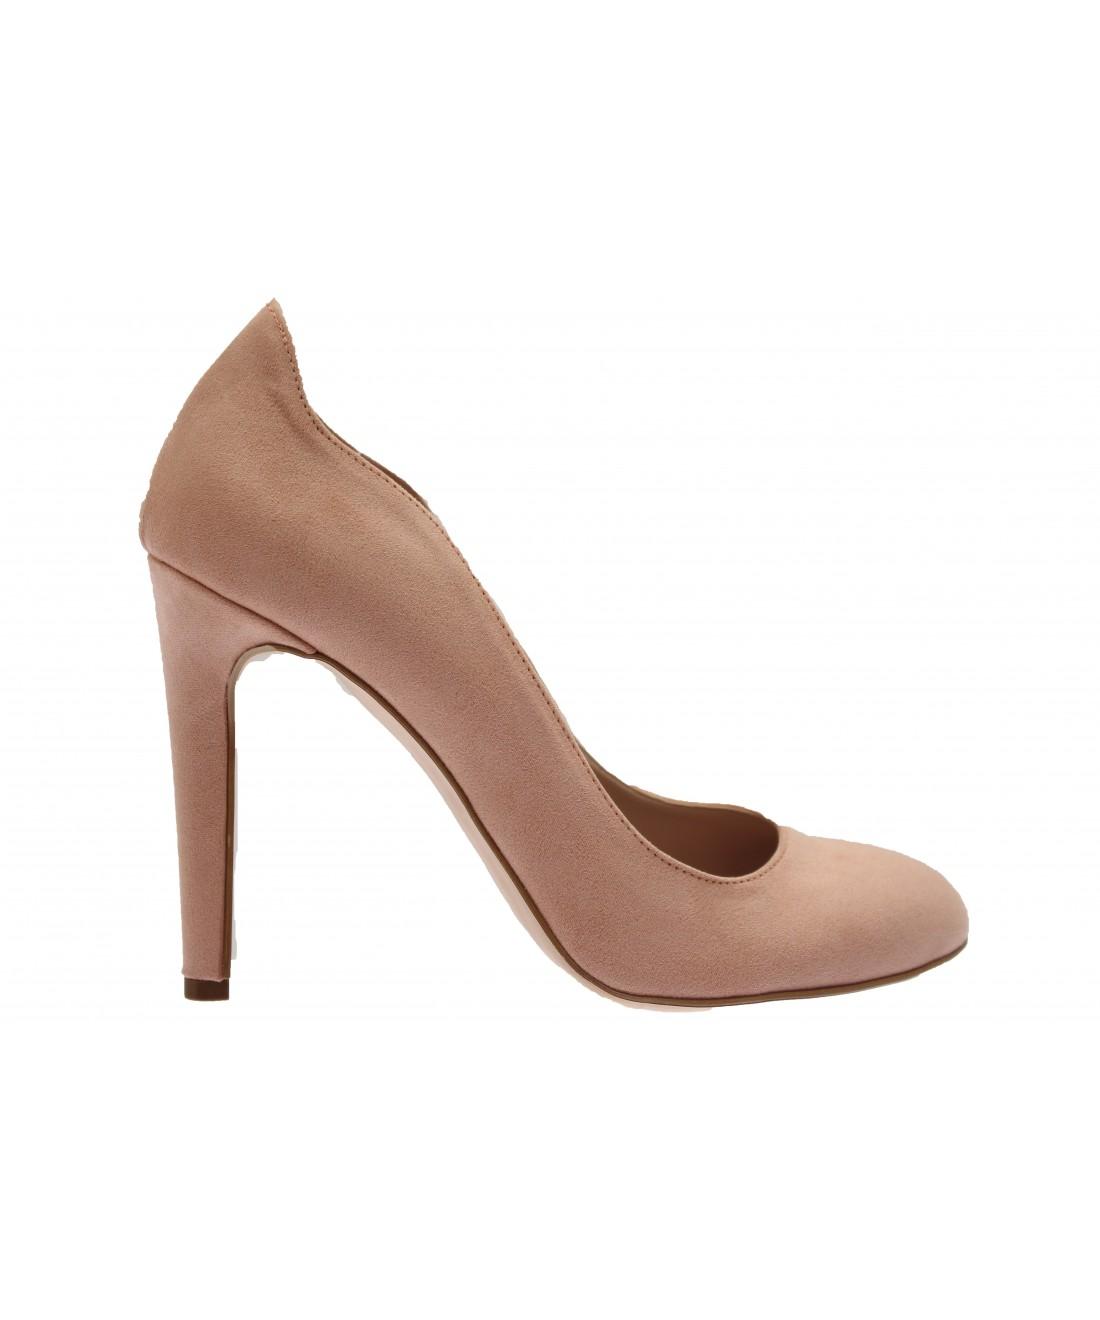 7e6d687fc426 Escarpin daim rose à bout rond babydoll des 60 s signée OSMOSE shoes